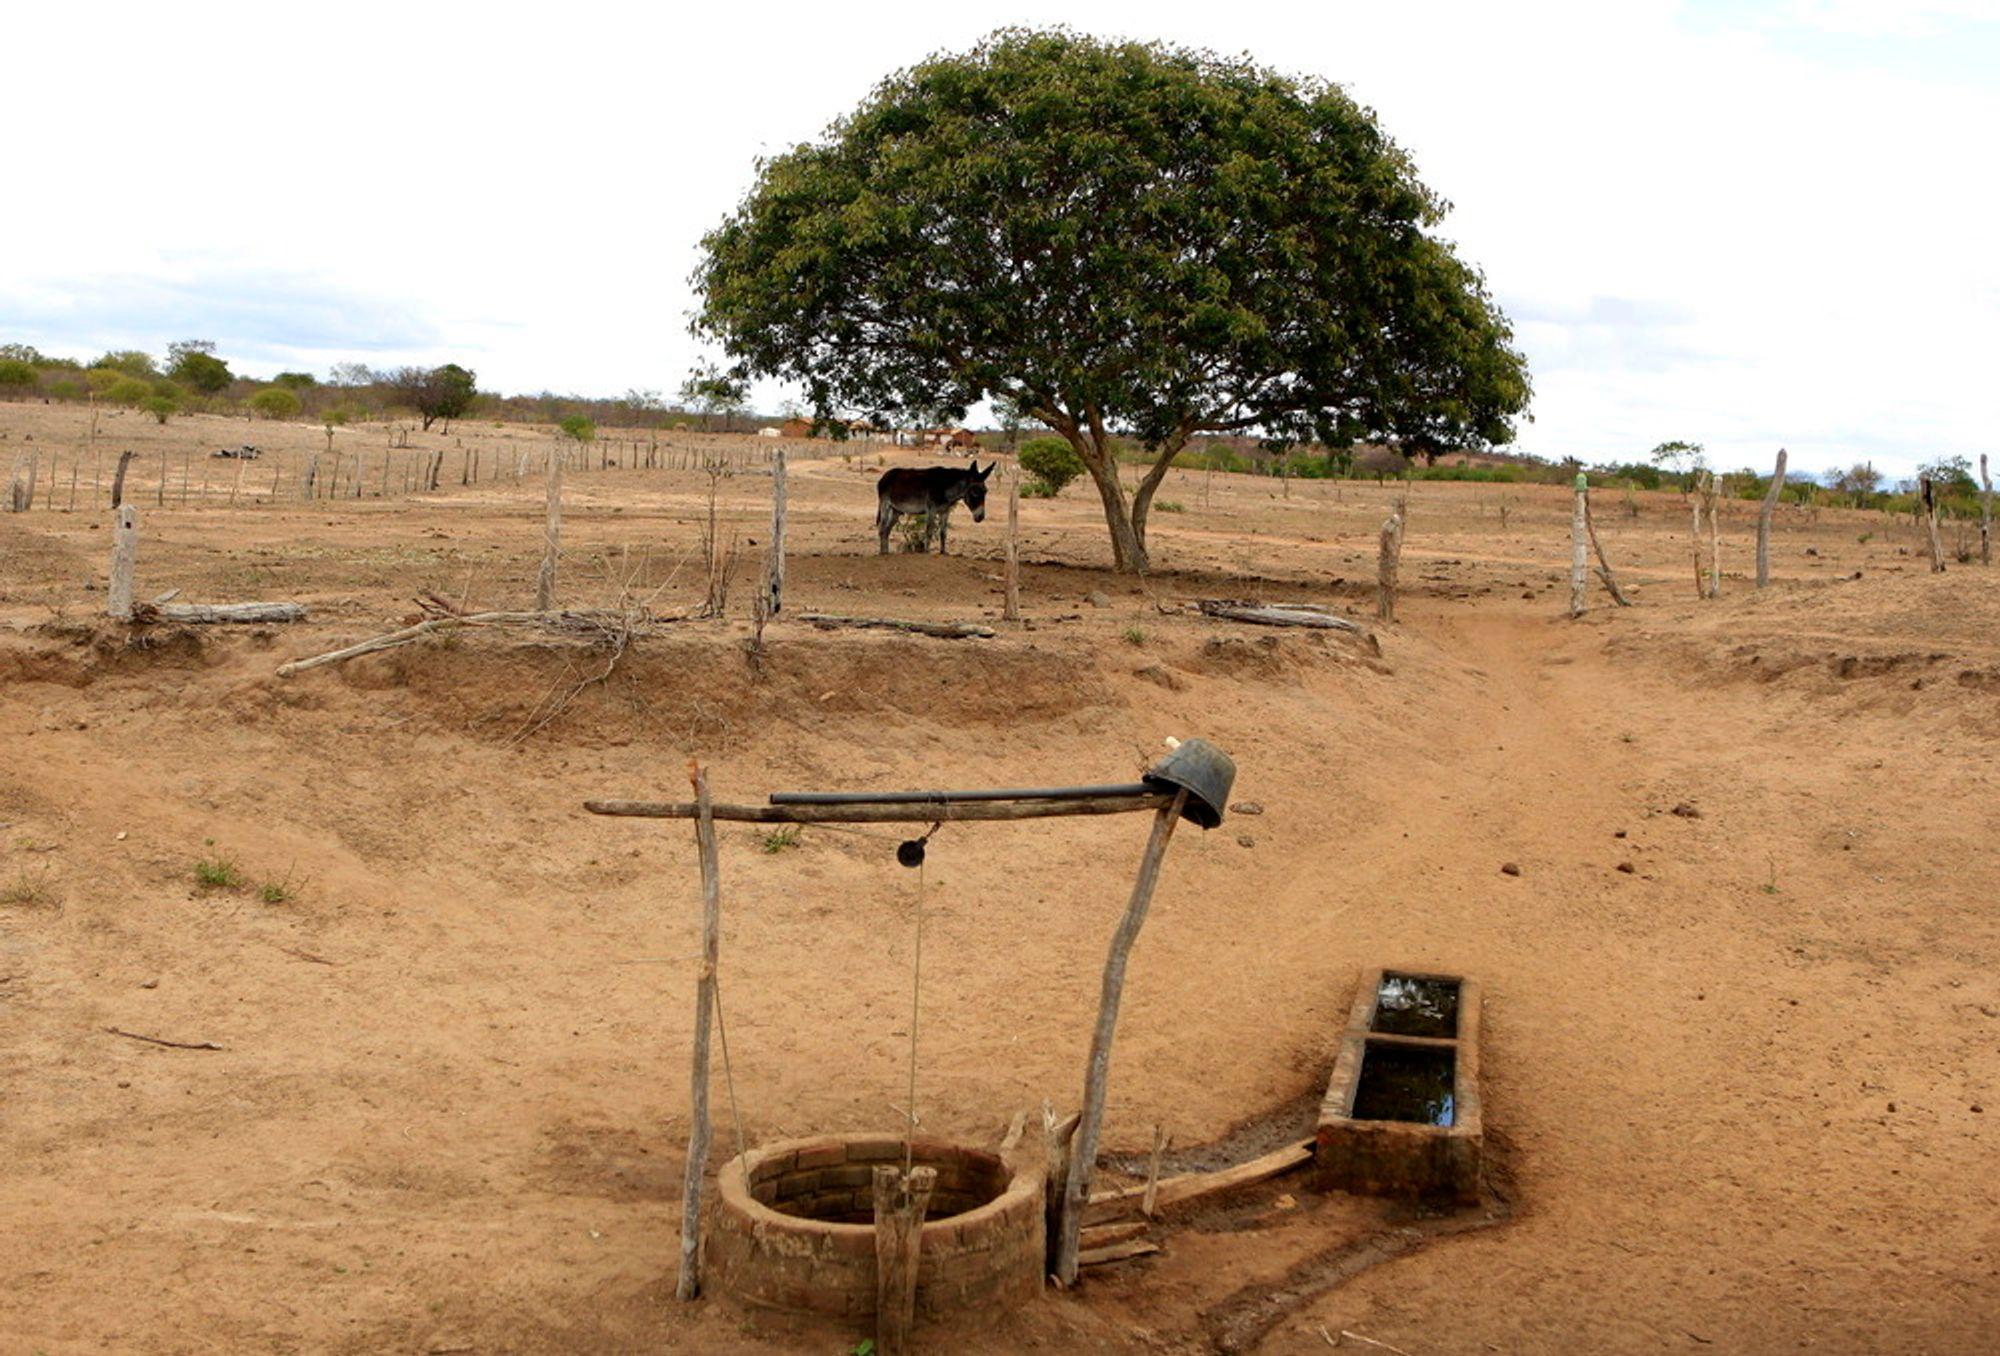 En brønn i den brasilianske delstaten Bahia, som er rammet av den verste tørken på 30 år. Neste måned arrangerer FN en stor miljø- og utviklingskonferanse i den brasilianske storbyen Rio de Janeiro.